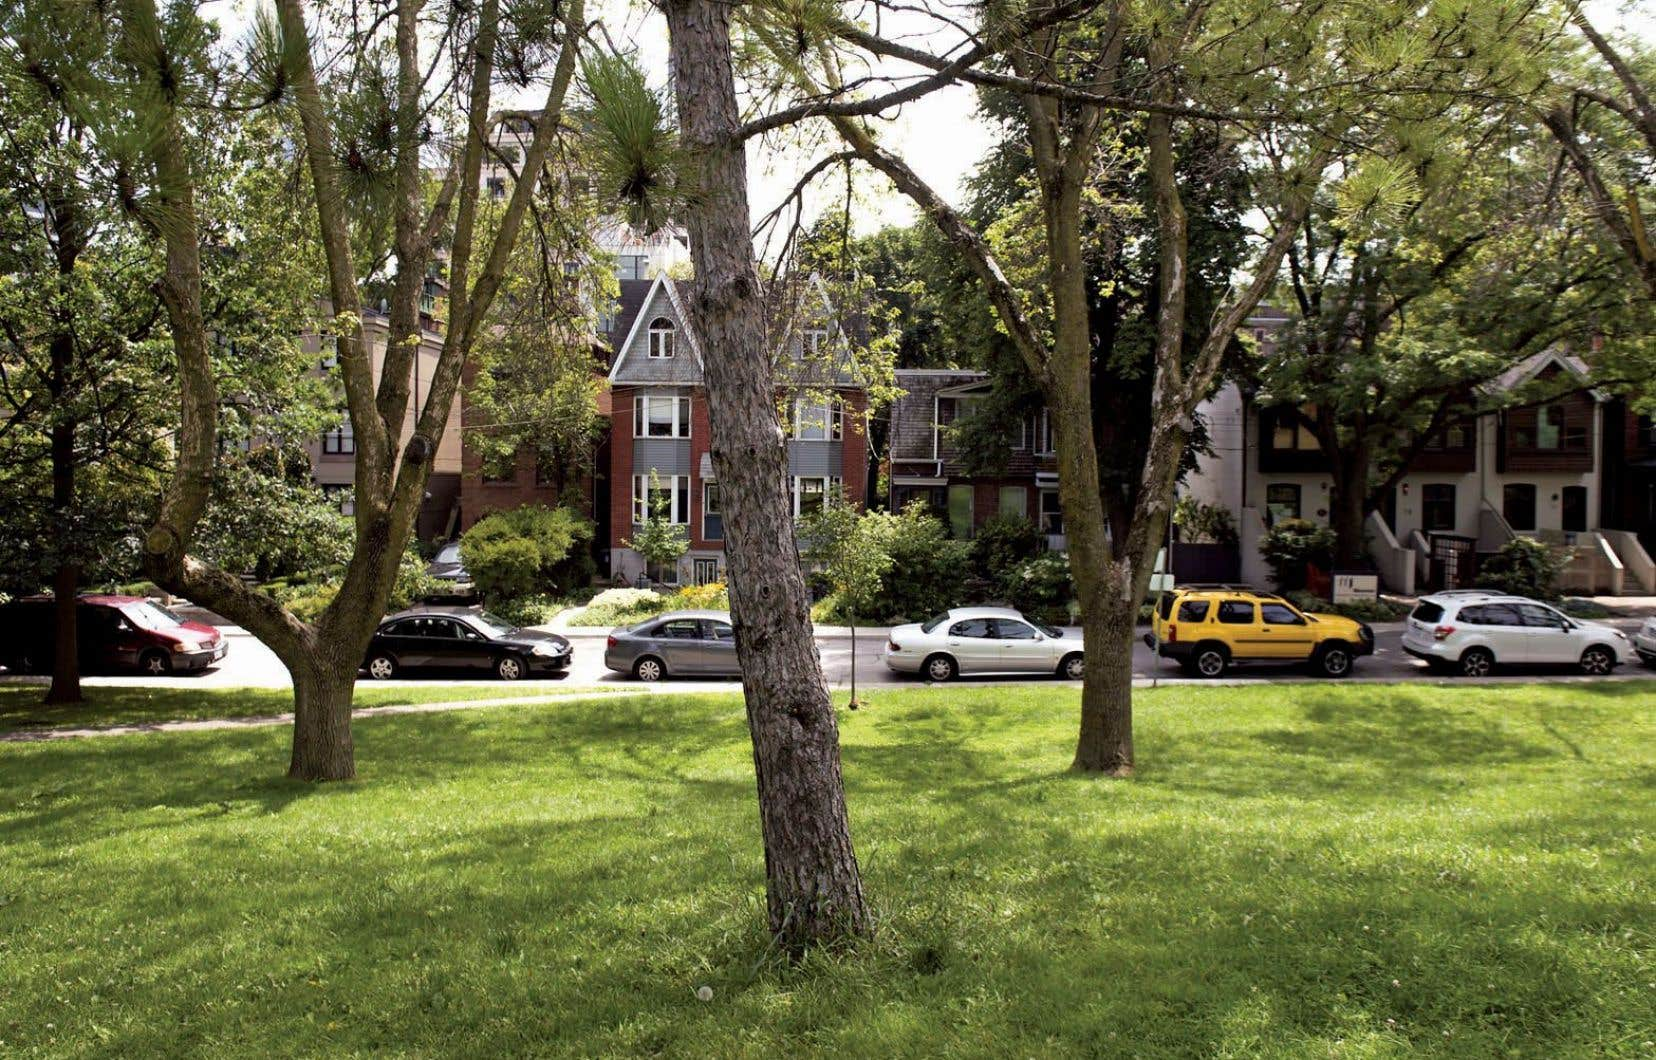 Les personnes vivant dans les quartiers verts ont tendance à être plus actives.